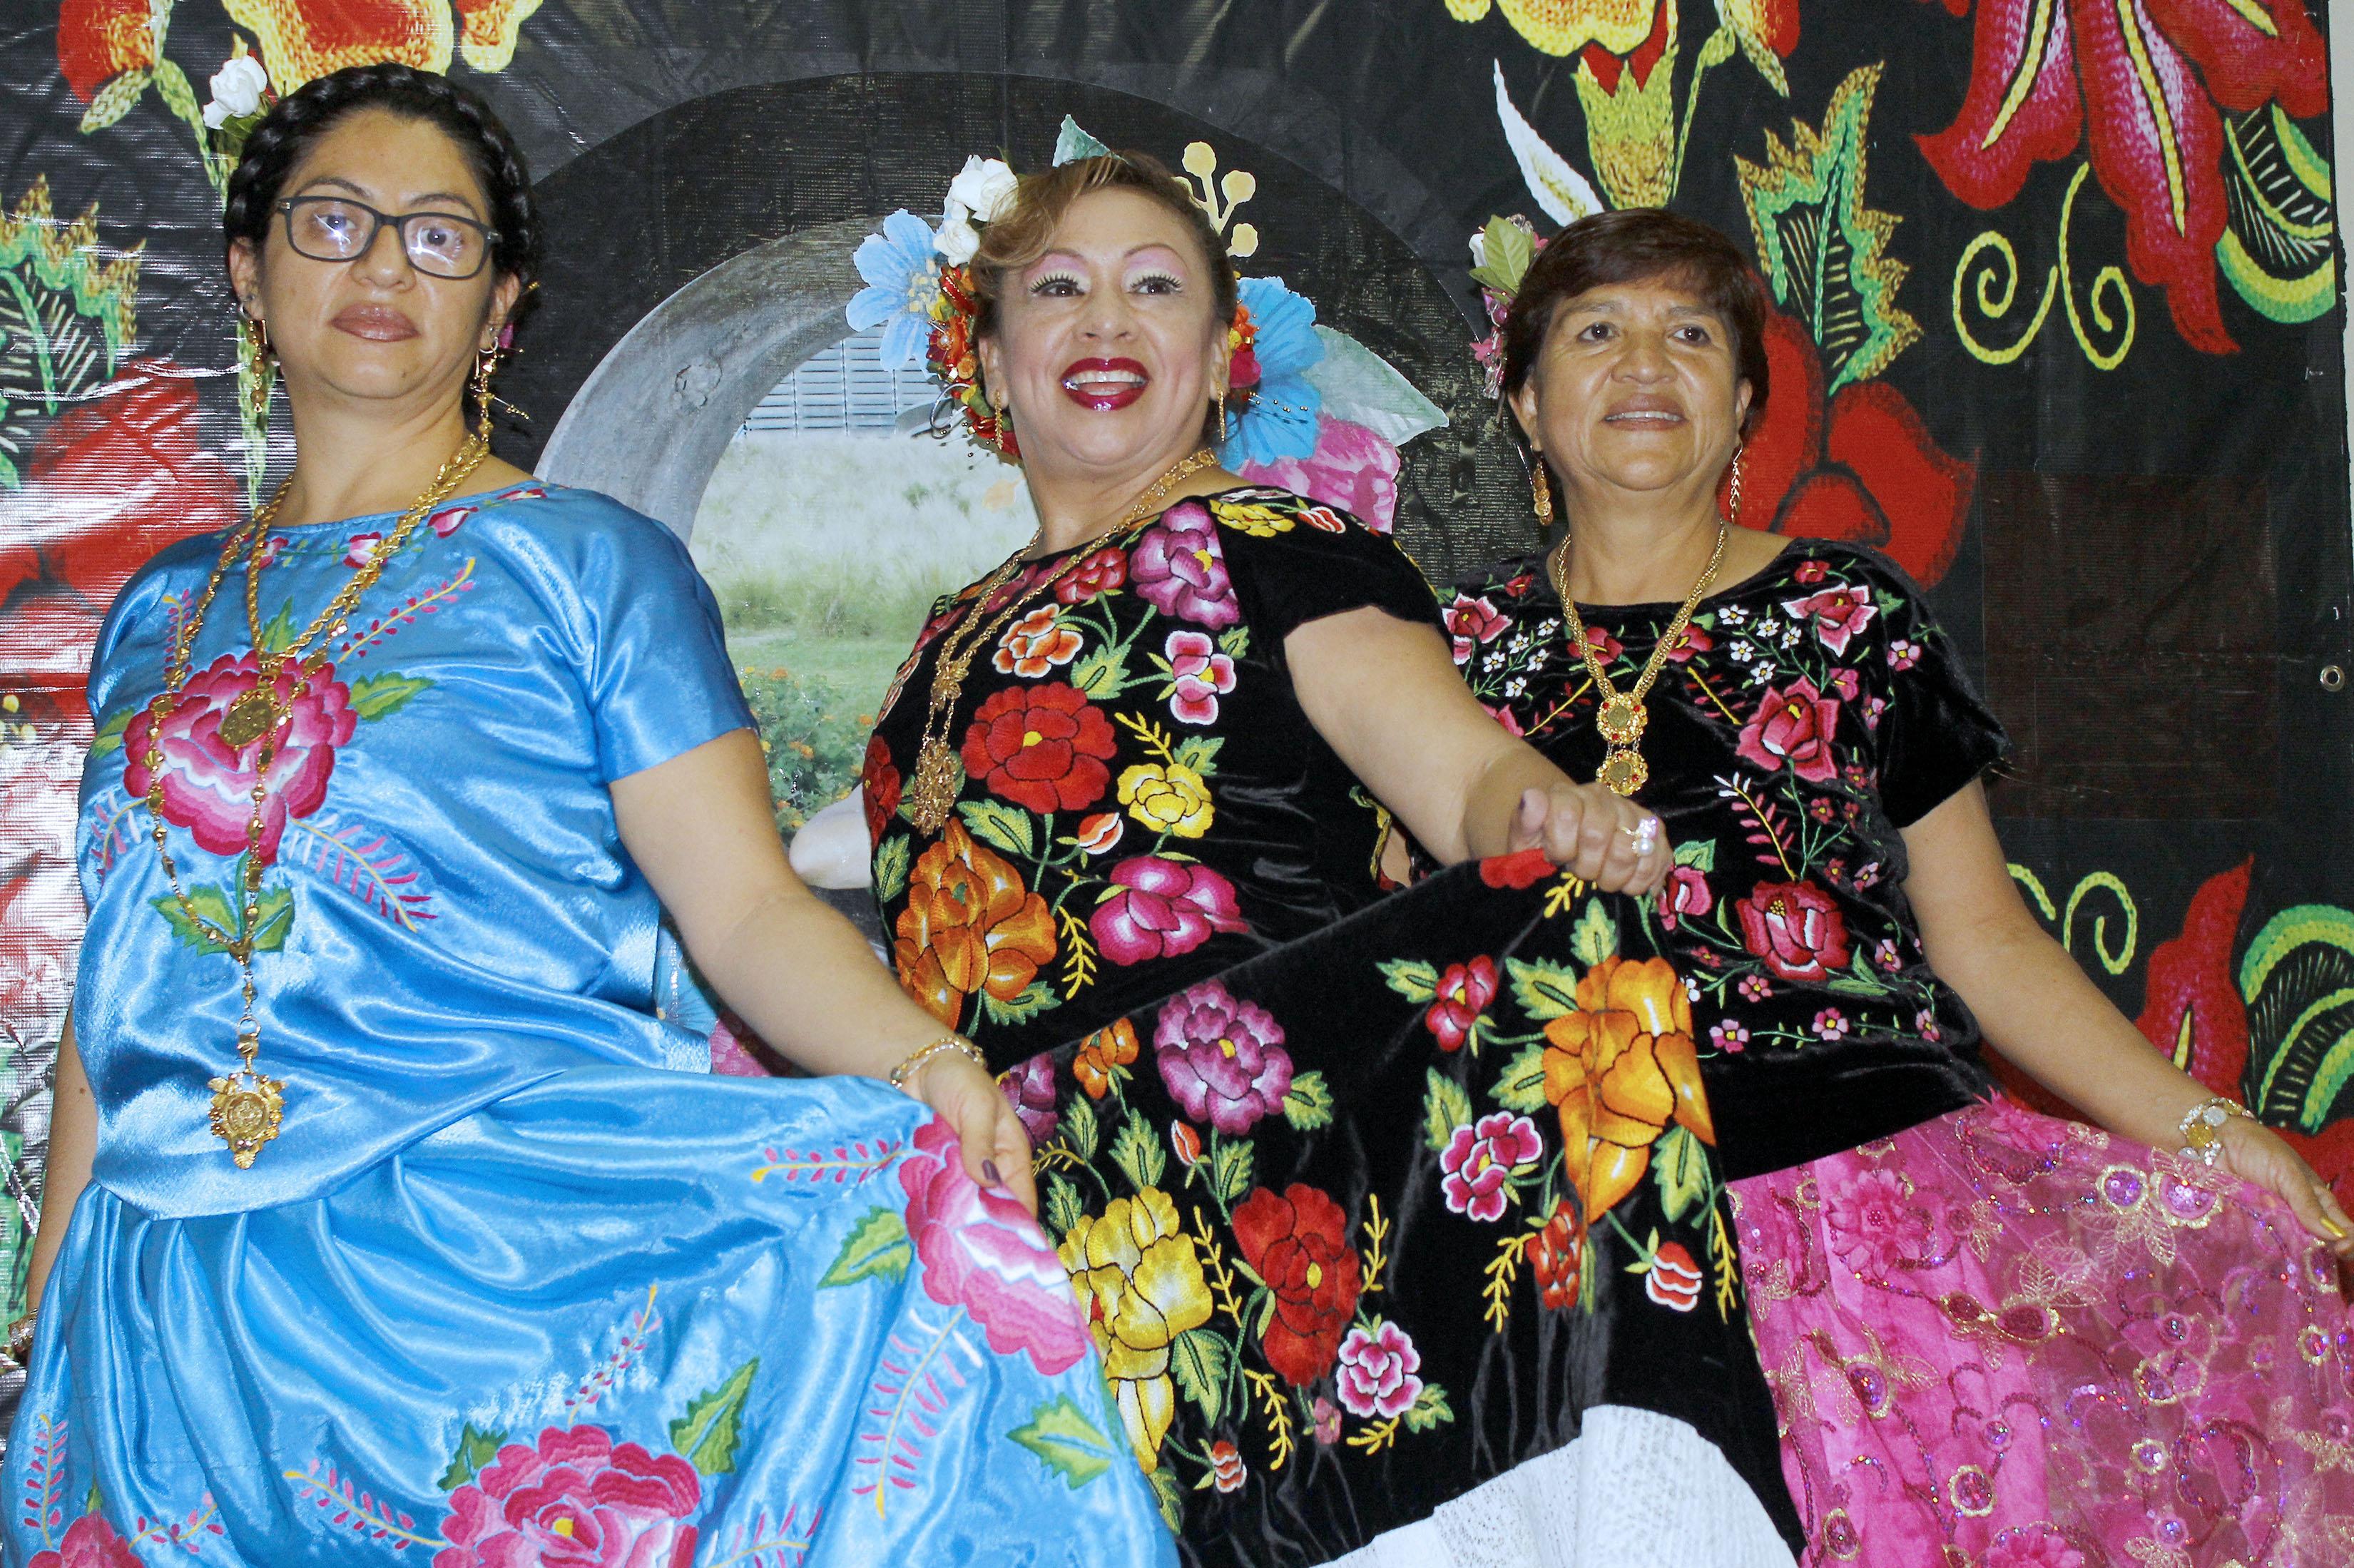 Las mujeres en los vestidos zapatecos